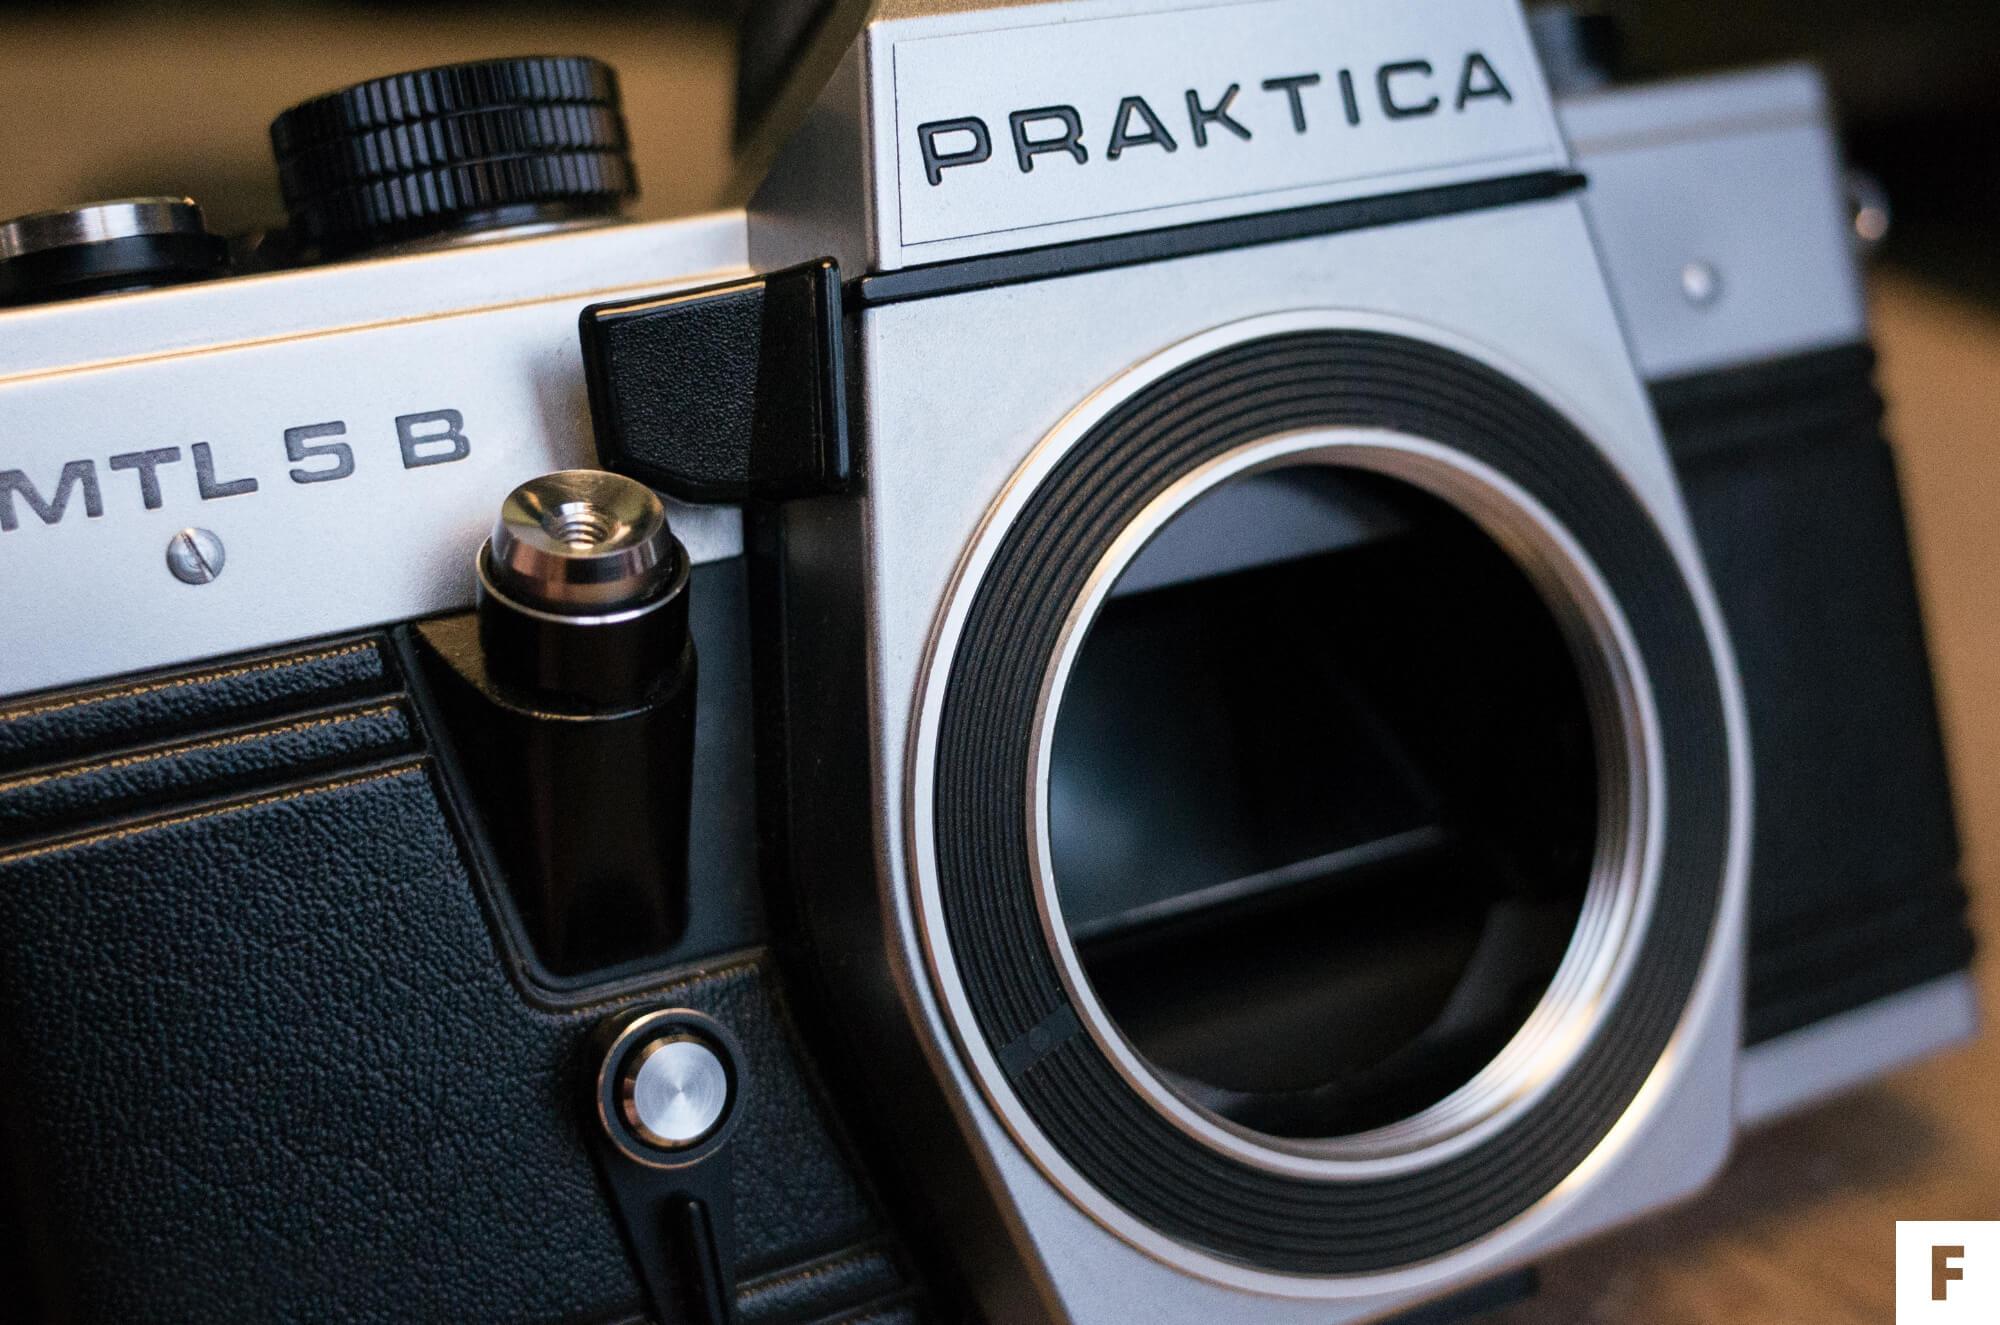 Praktica MTL5B, Fotímnafilm.sk recenzia